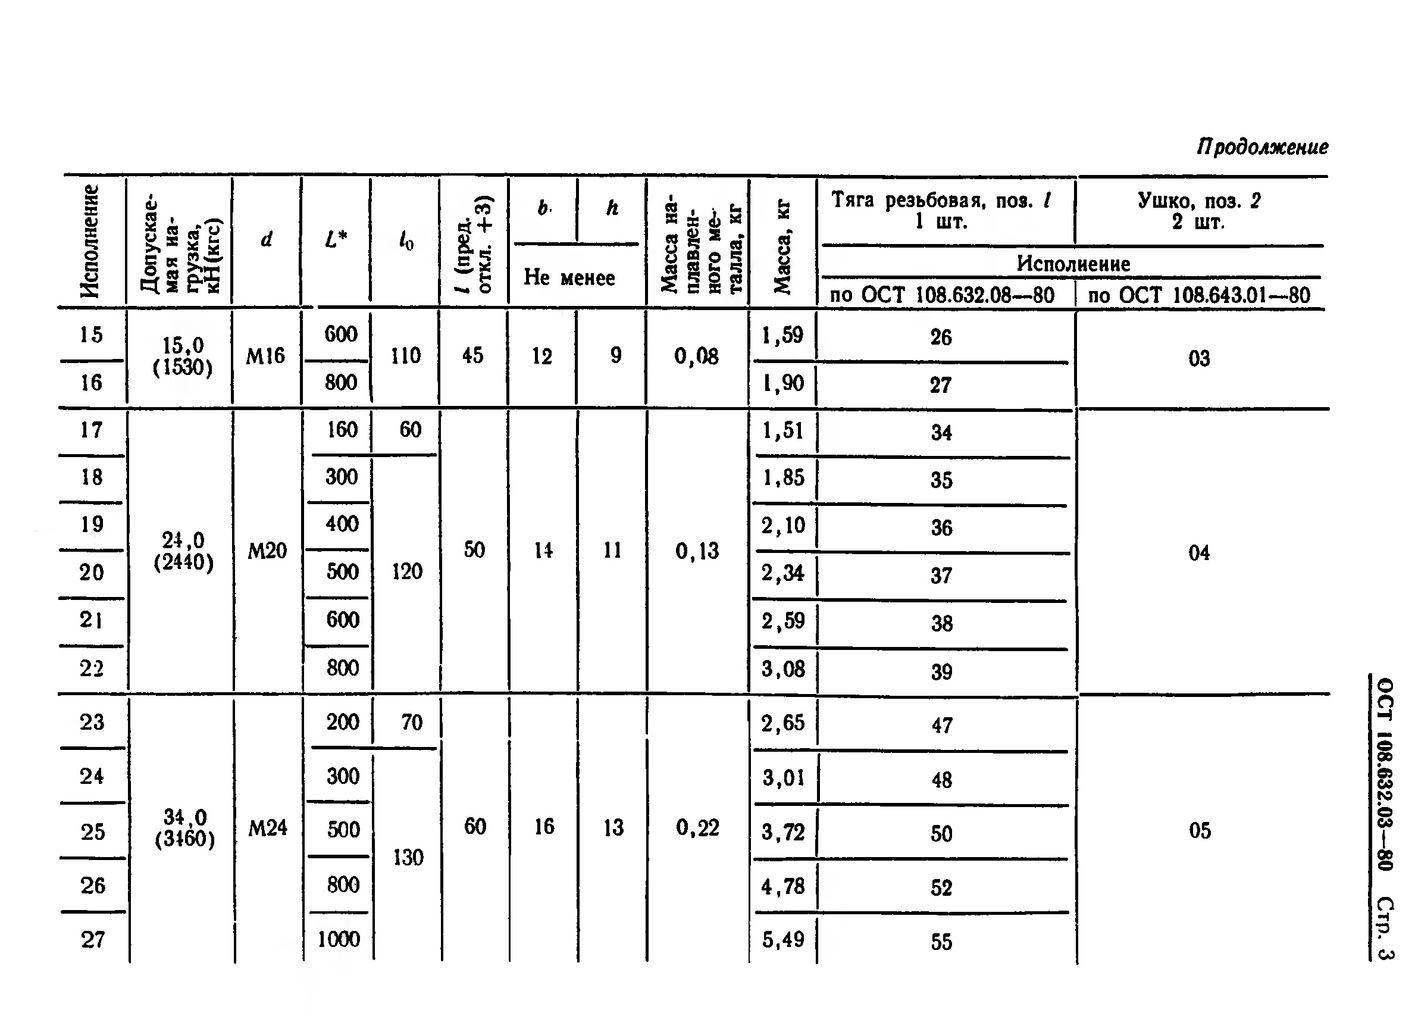 Тяги резьбовые с ушком ОСТ 108.632.03-80 стр.3